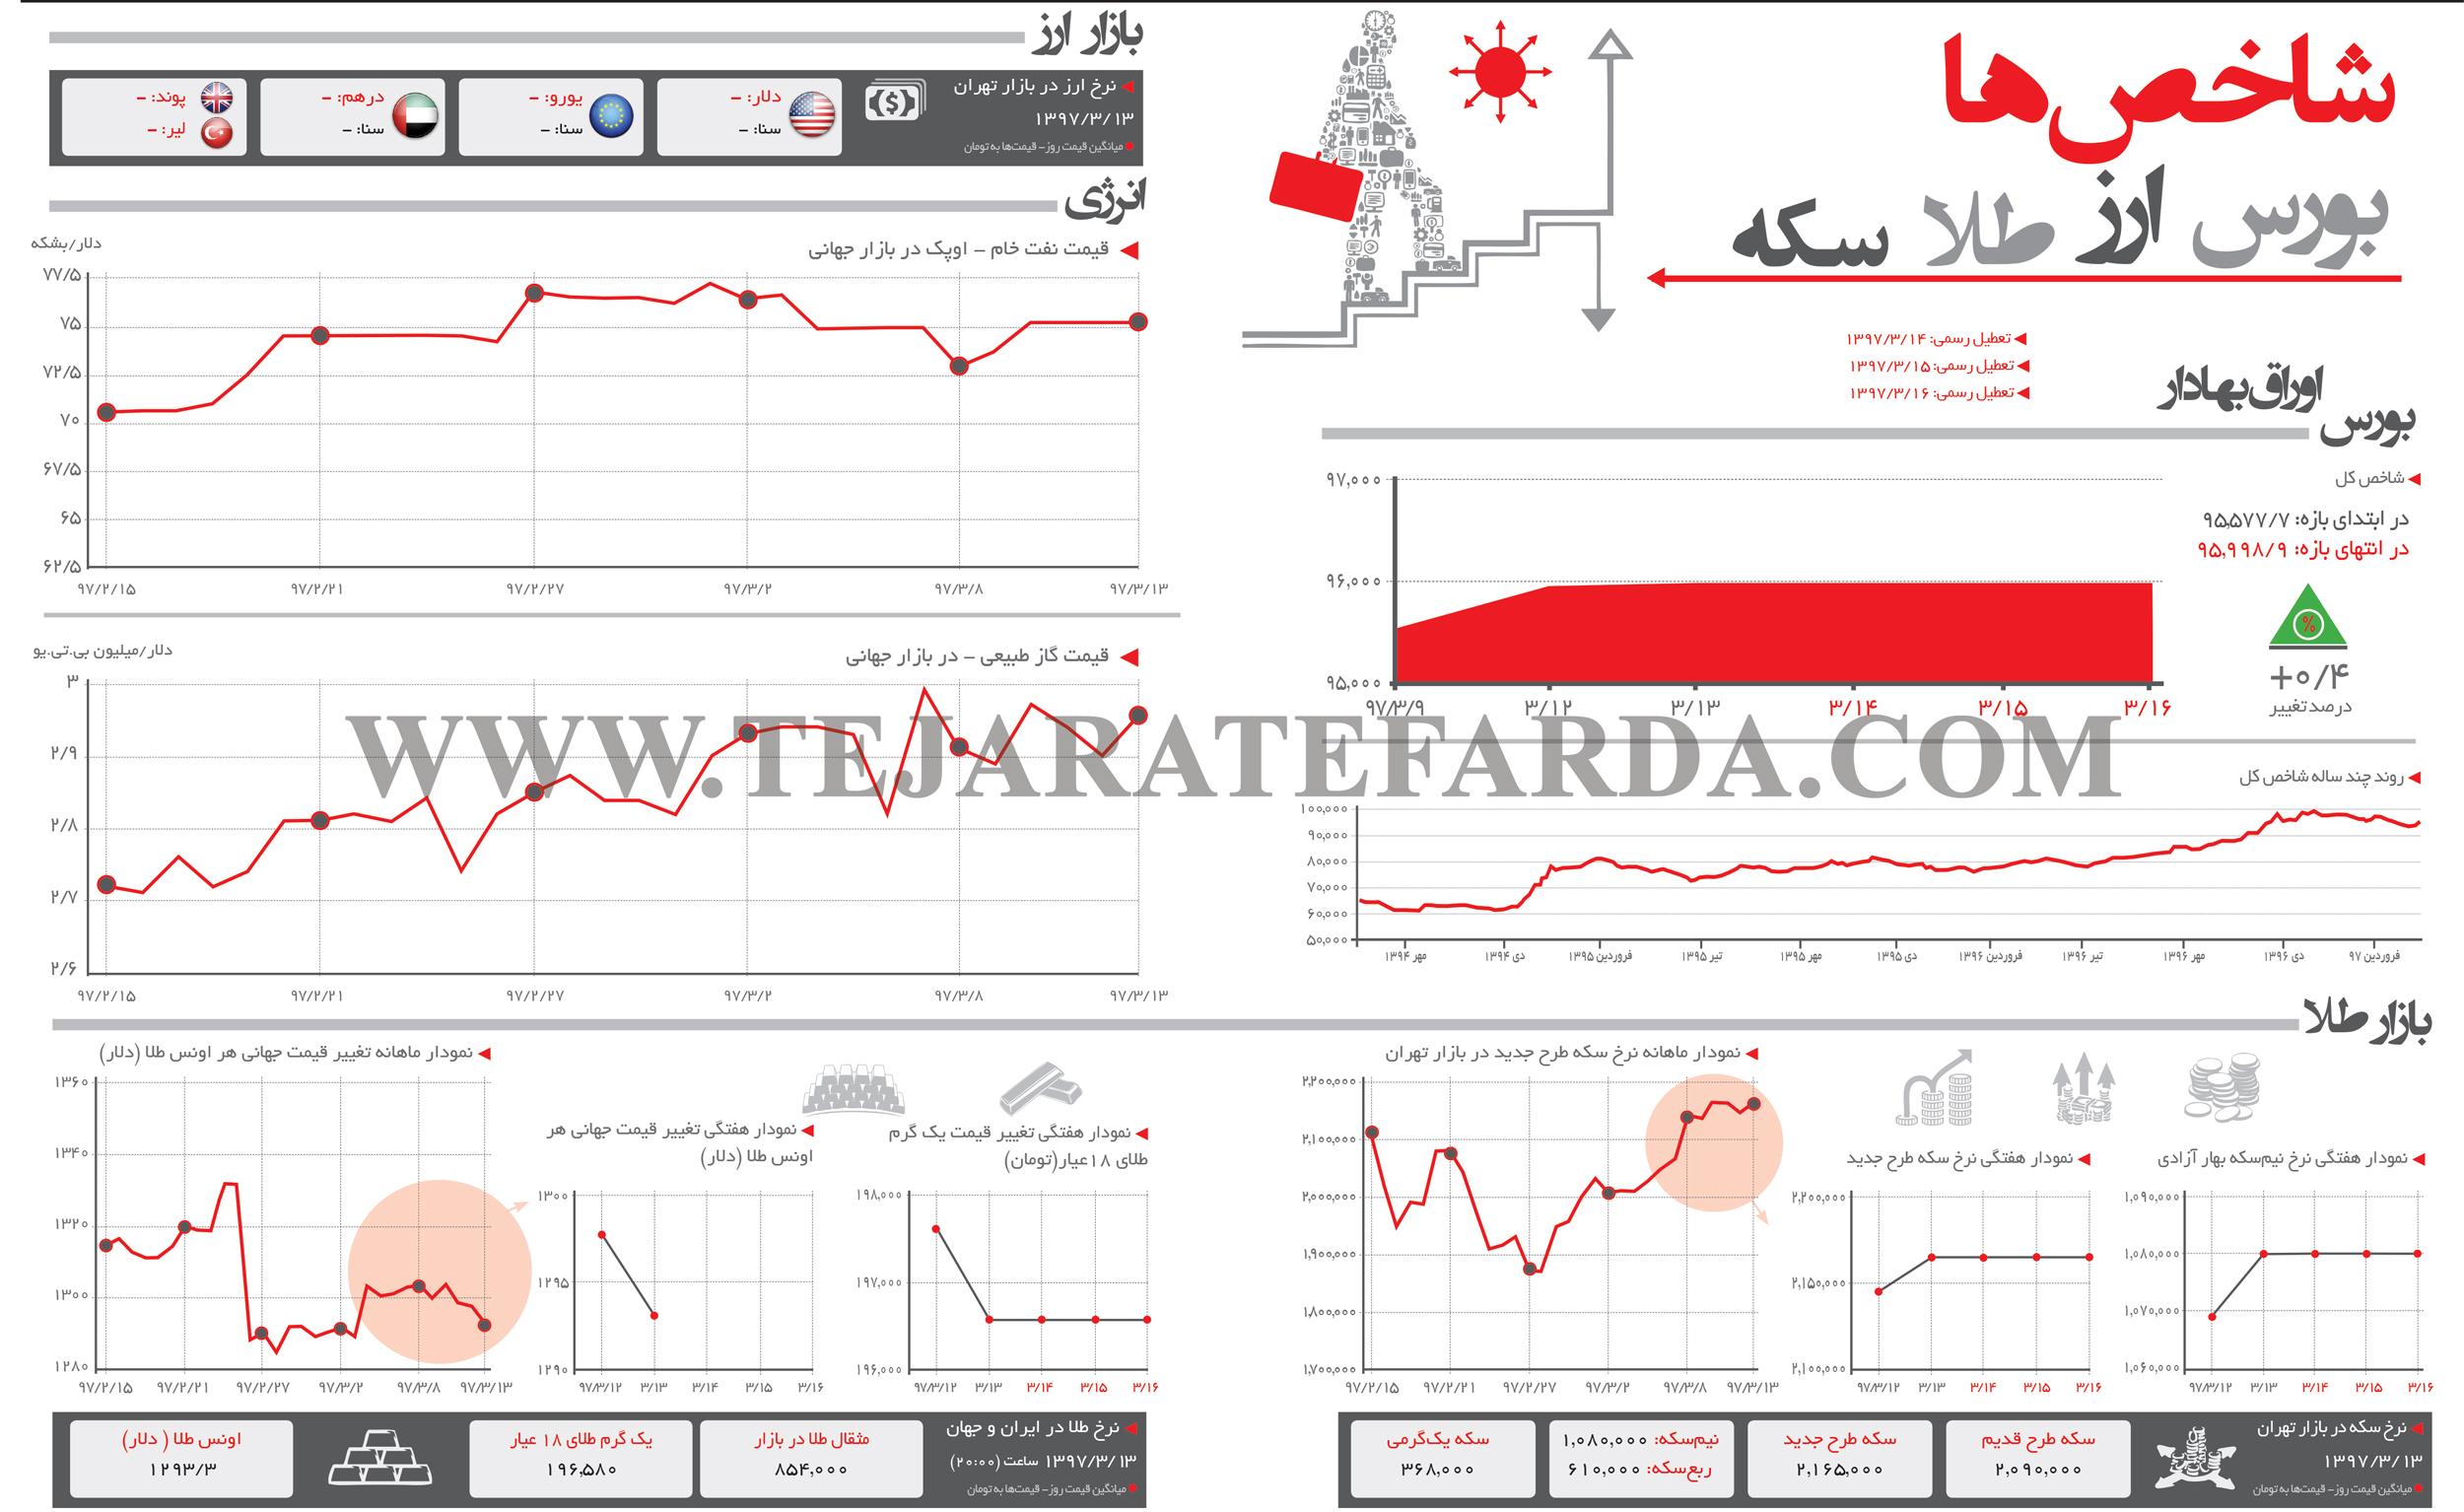 تجارت فردا- اینفوگرافیک-  شاخصهای اقتصادی 271